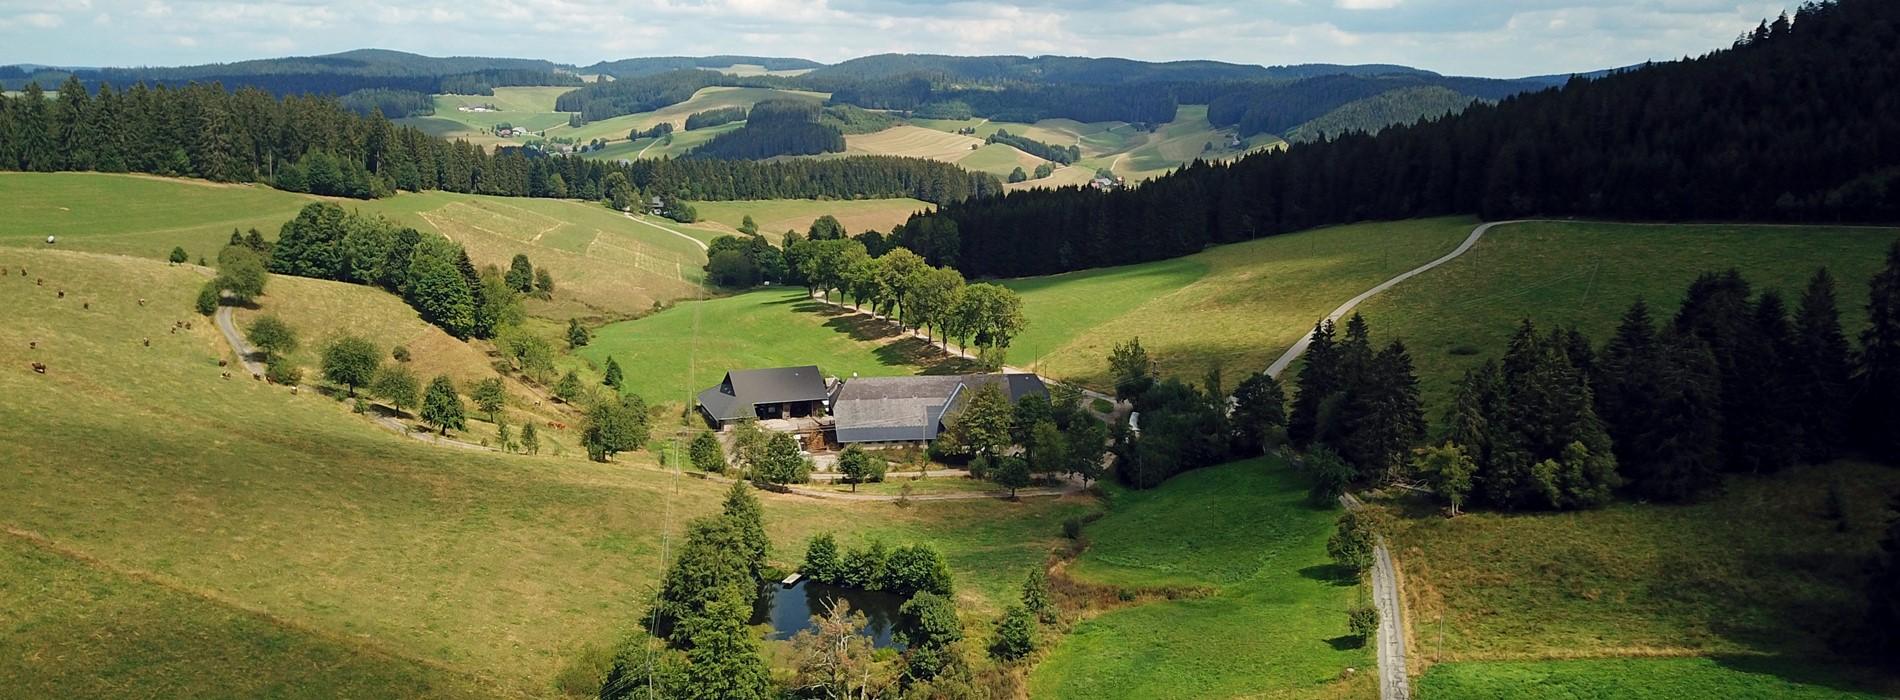 lippenhof-schwarzwald-drohnenbild